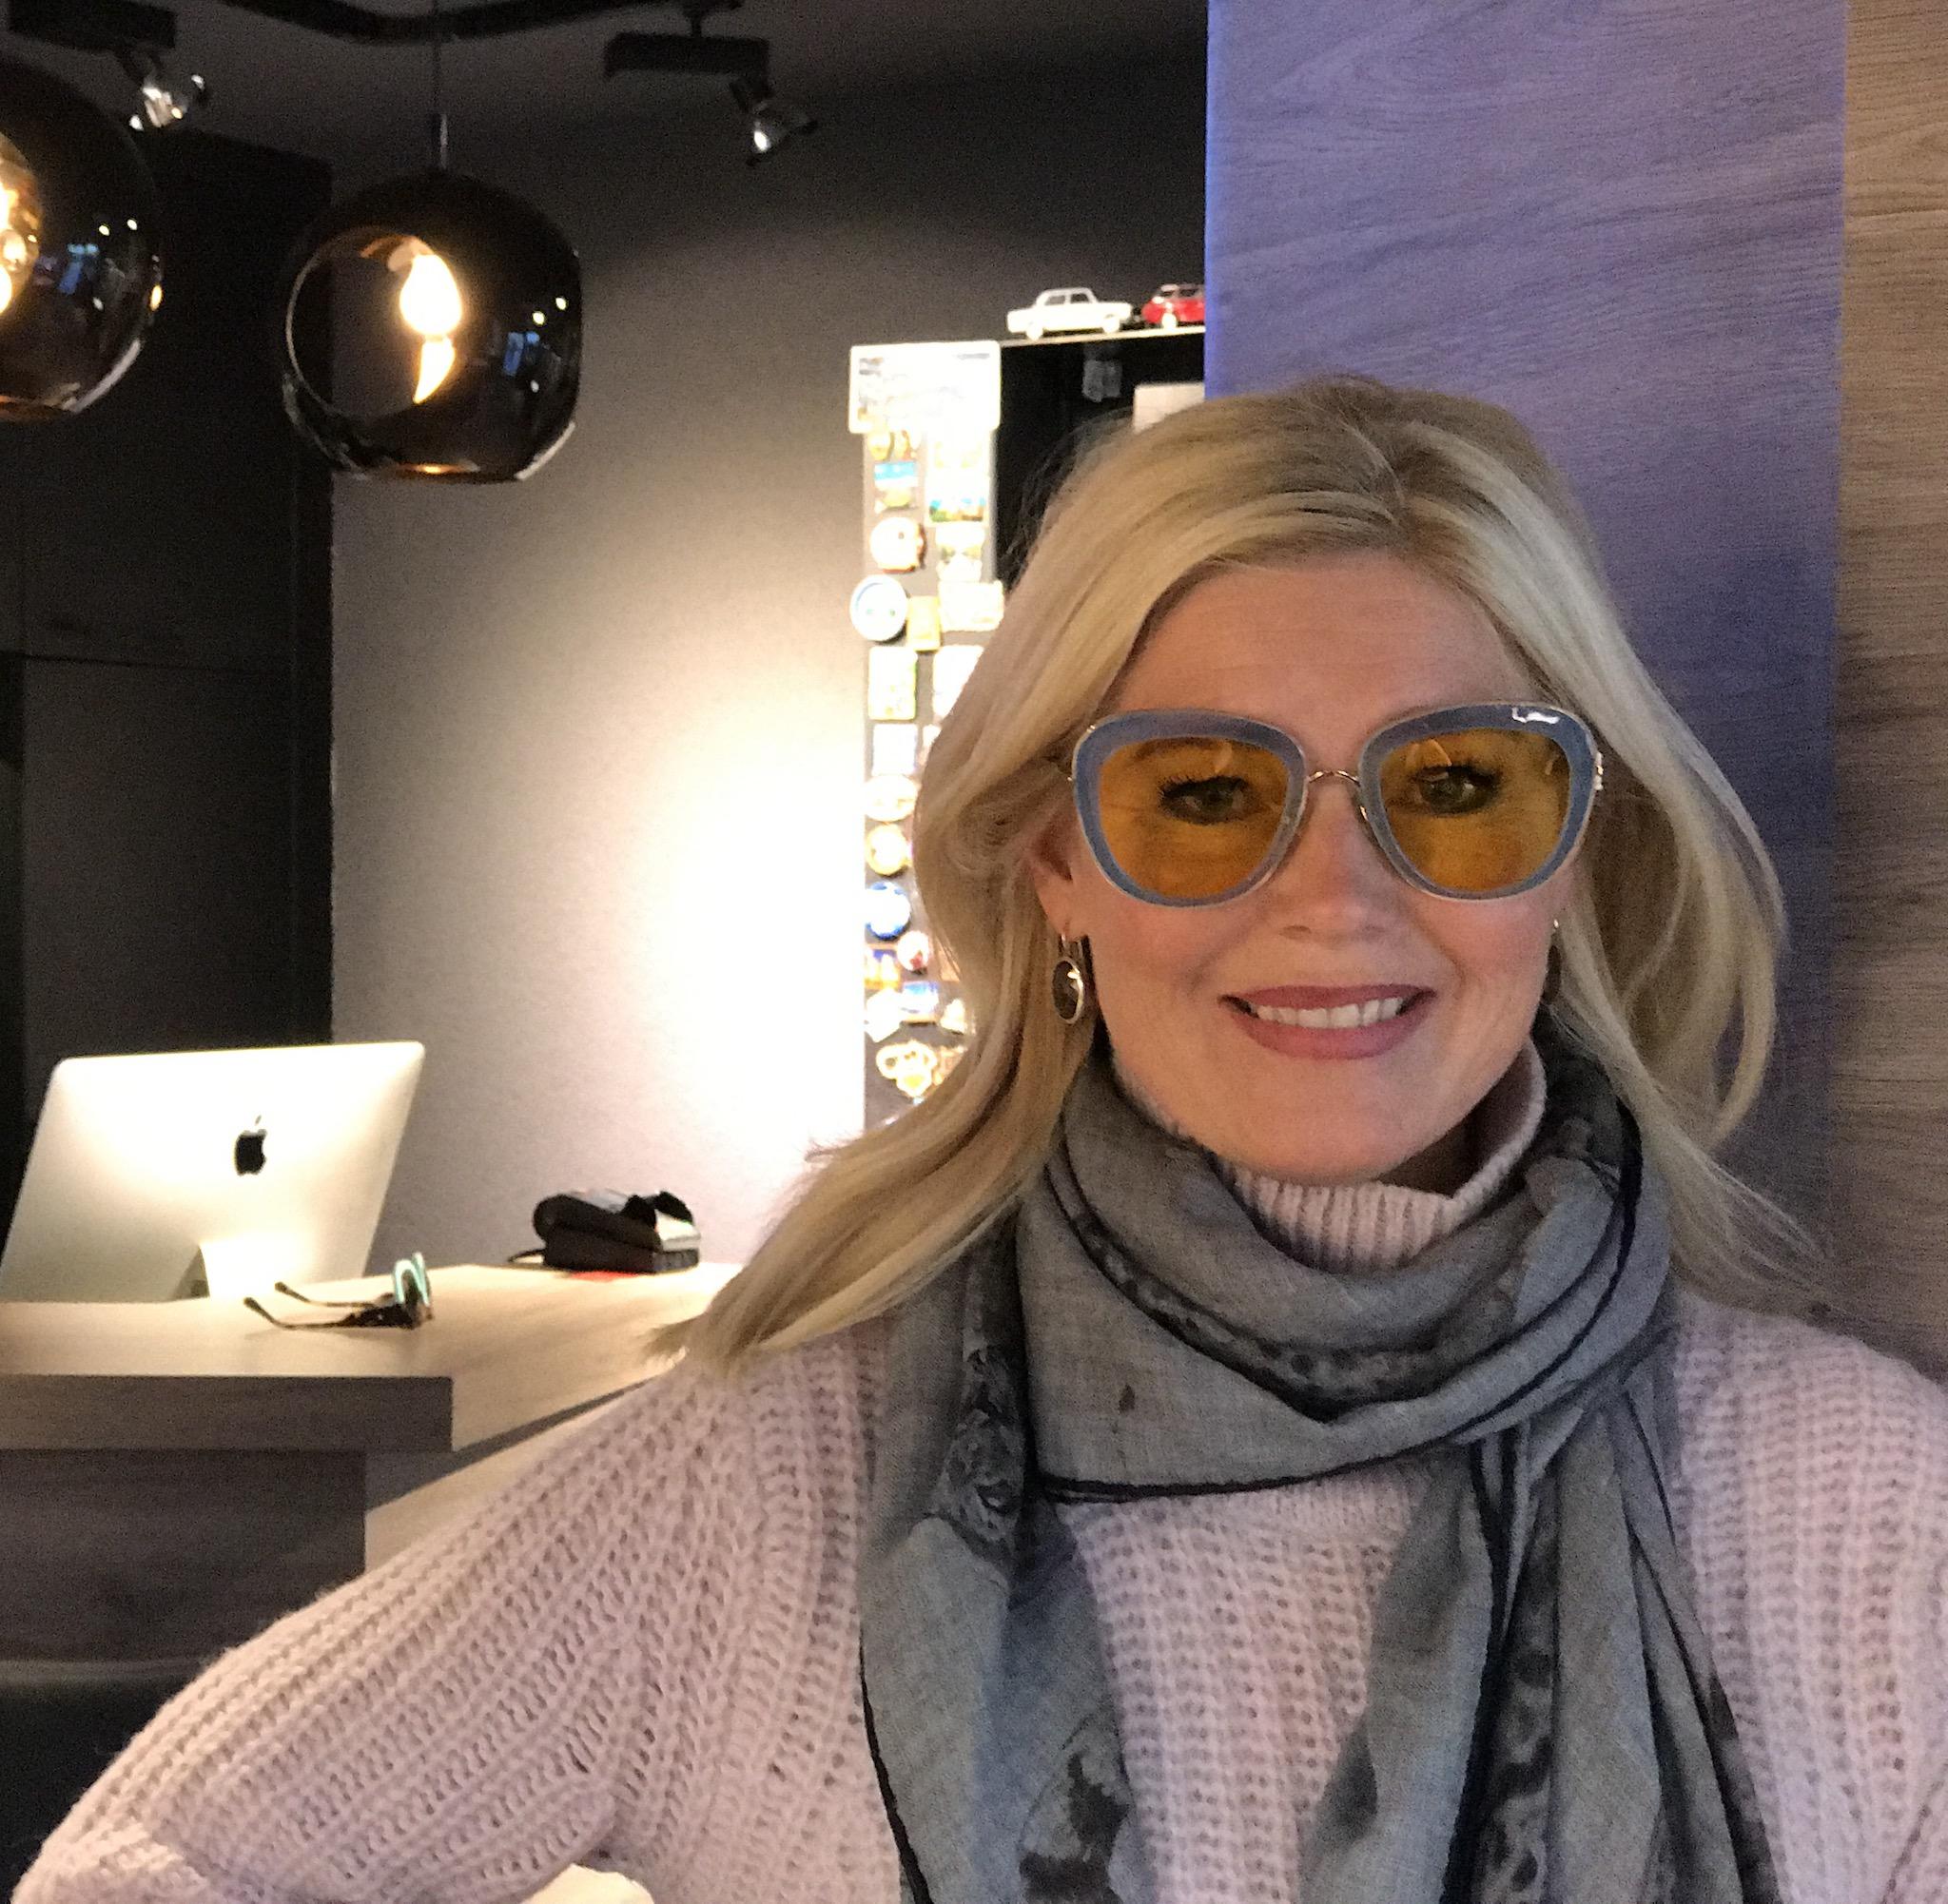 Optik Scharnagl Sölden, Optiker Sölden, außergewöhnliche Sonnenbrillen, tolle Sonnebrillen, hippe Sonnenbrillen, Fashion-Blog, Lieblingsstil.com,